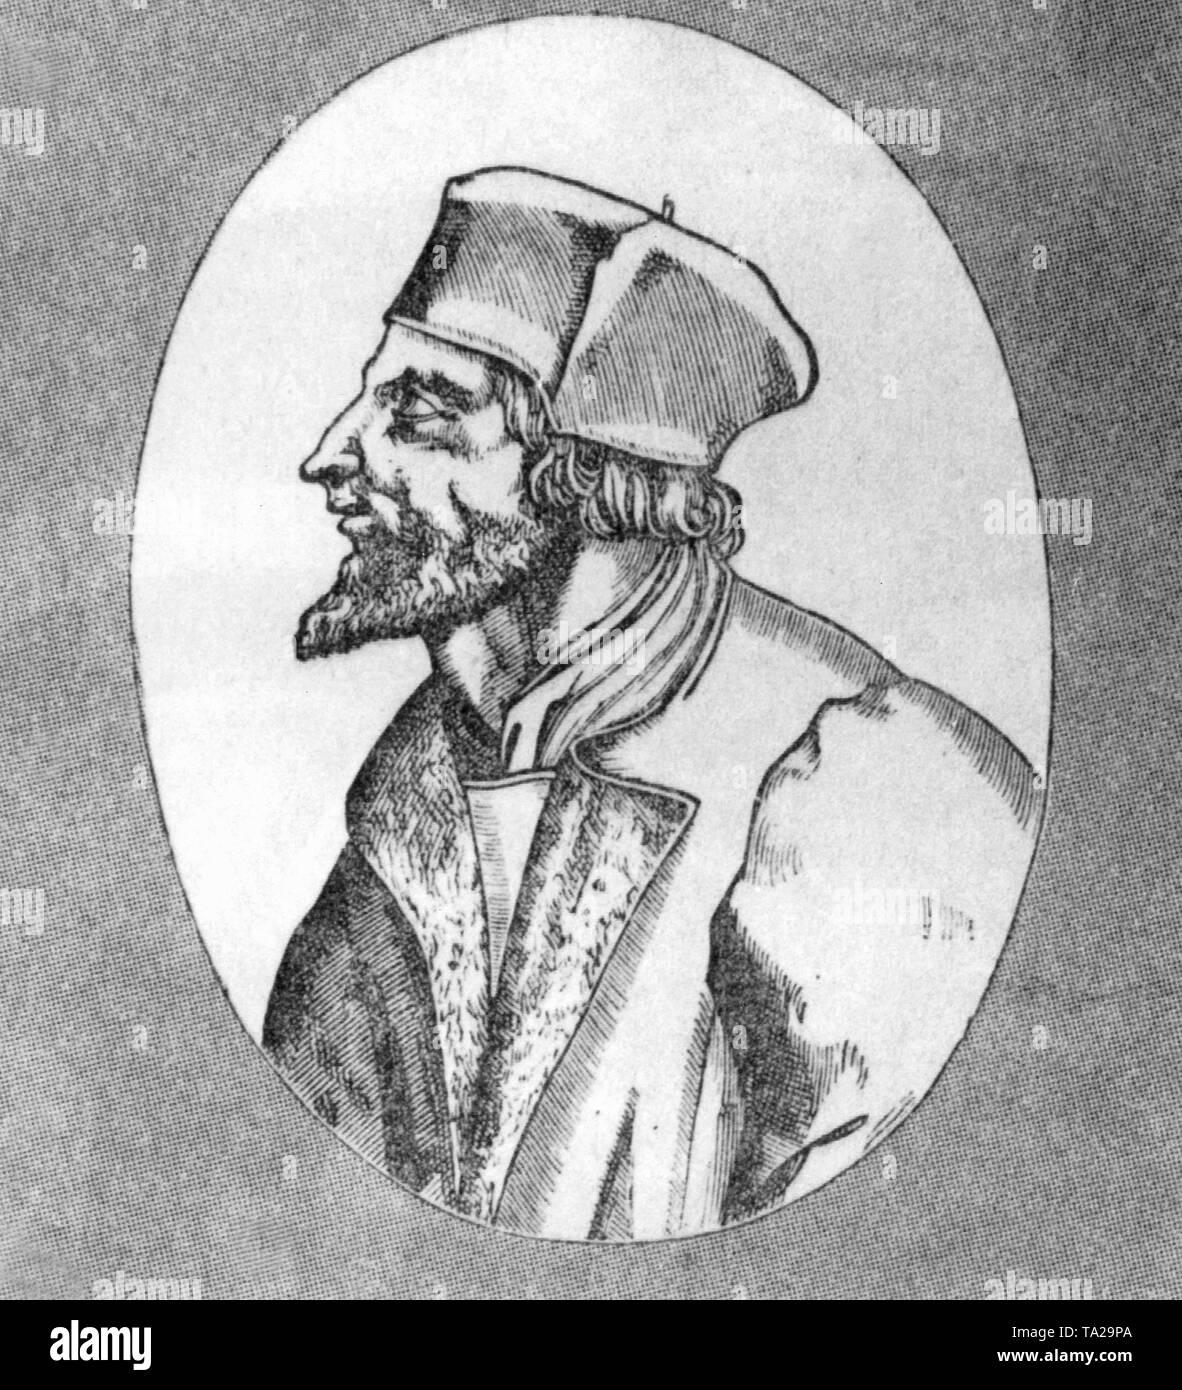 The Czech reformer Jan Hus. - Stock Image